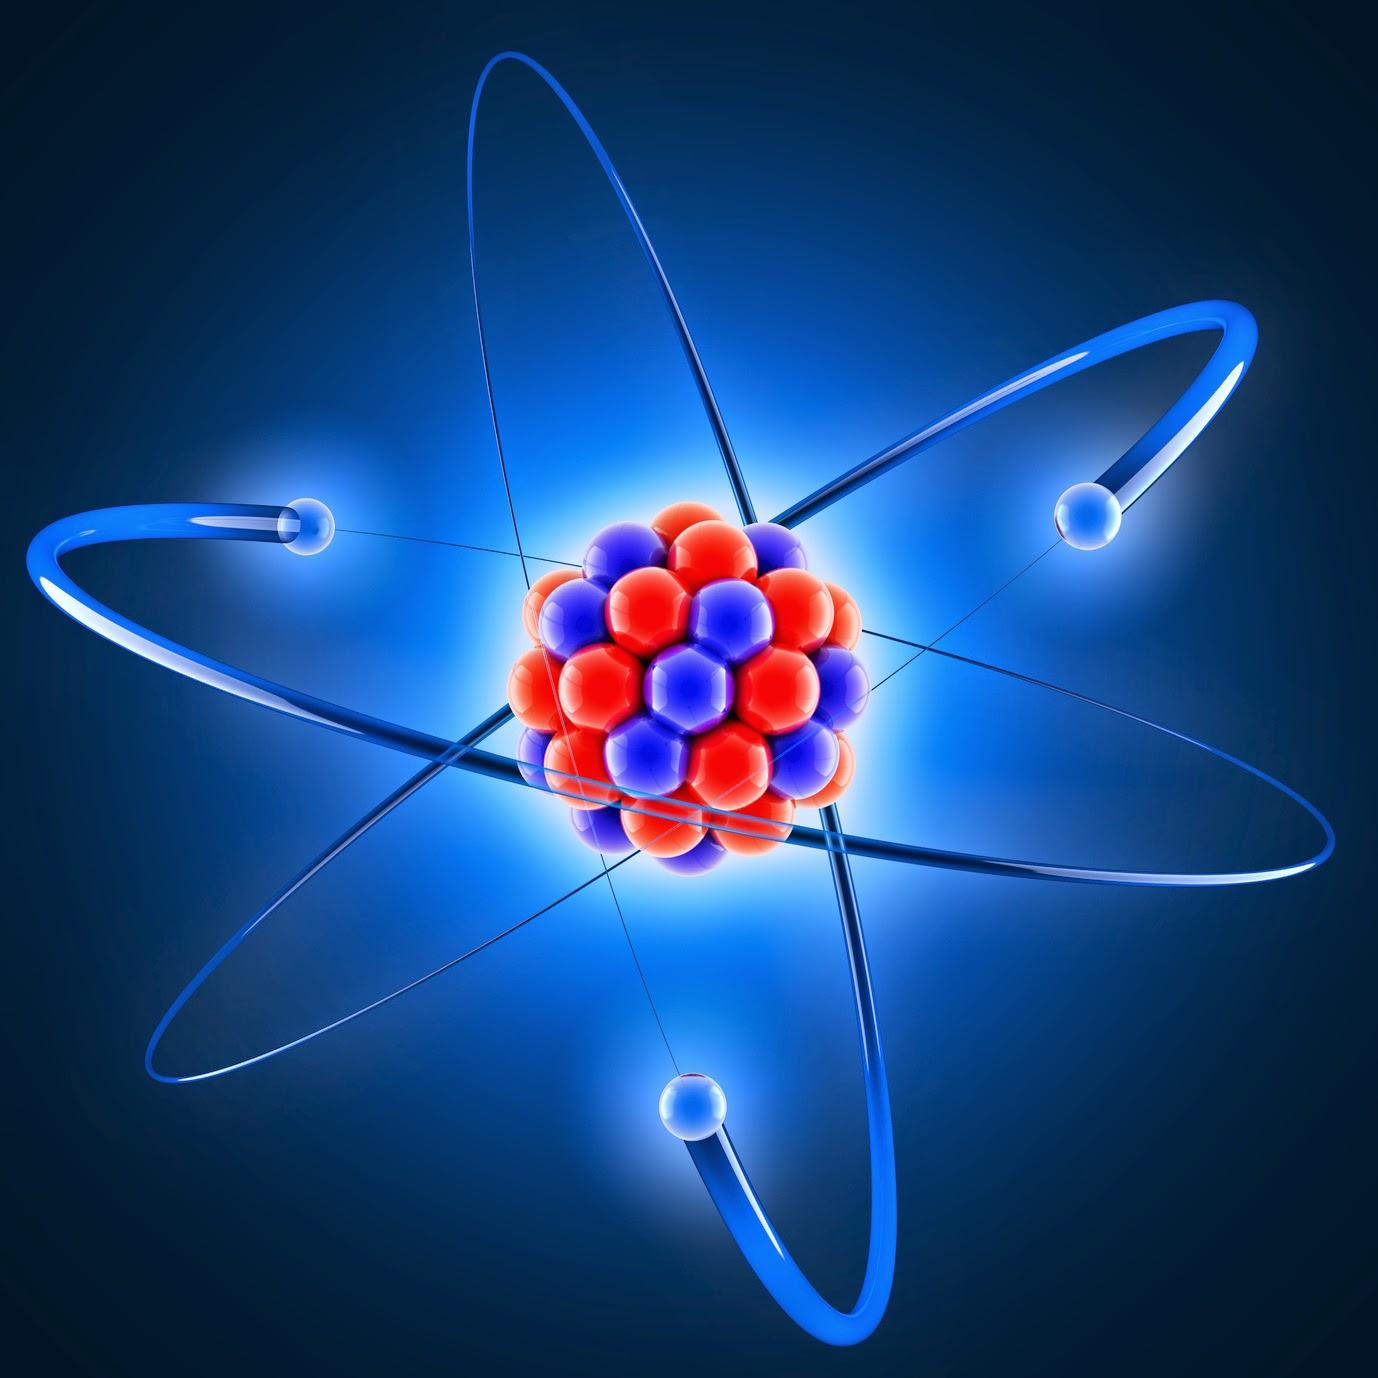 الذرة في الكون